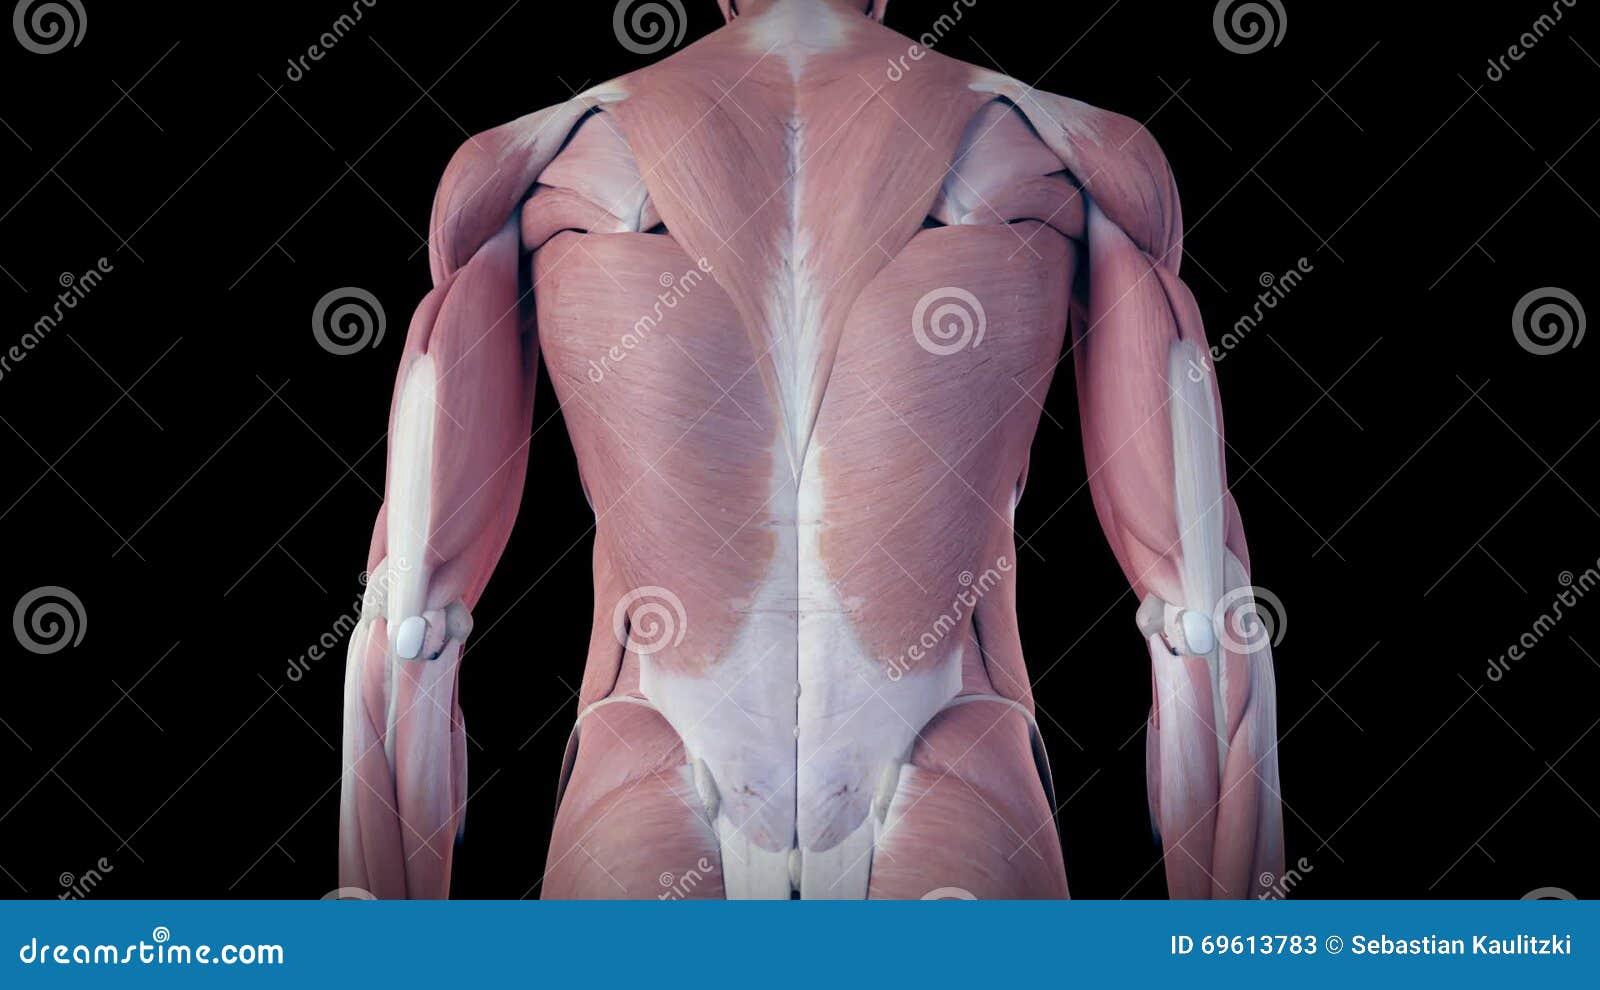 Ziemlich Das Menschliche Muskelsystem Fotos - Menschliche Anatomie ...